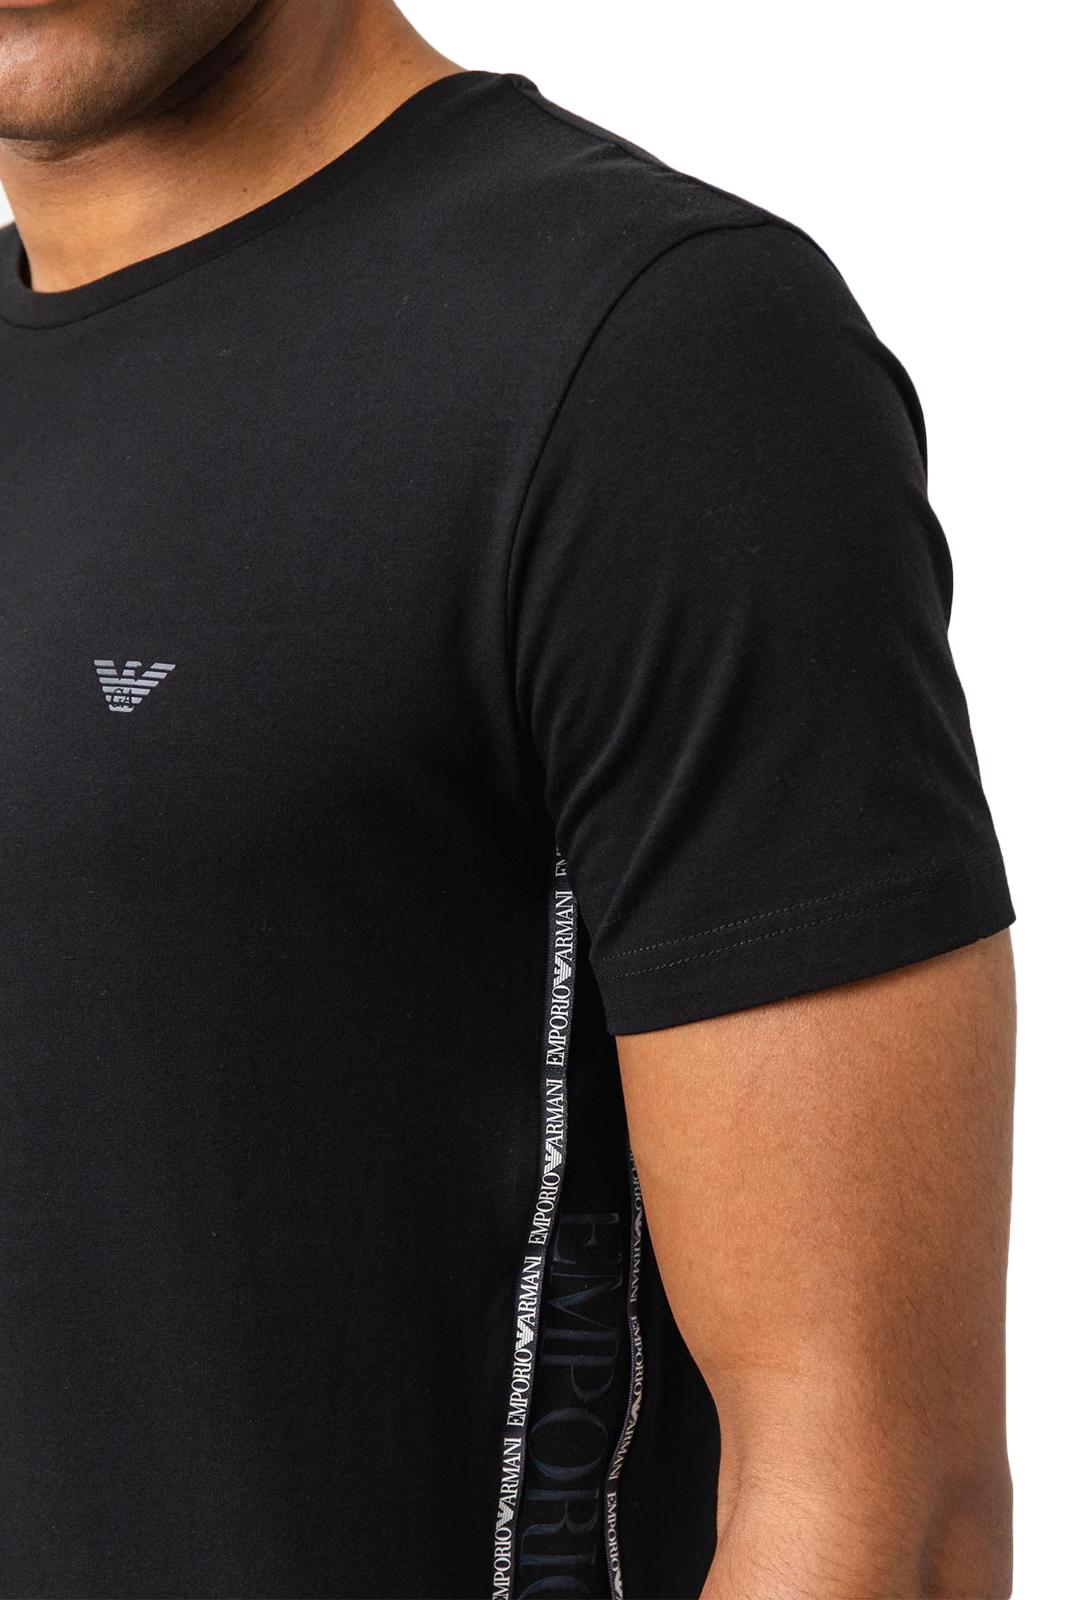 T-S manches courtes  Emporio armani 211813 9P462 20 BLACK